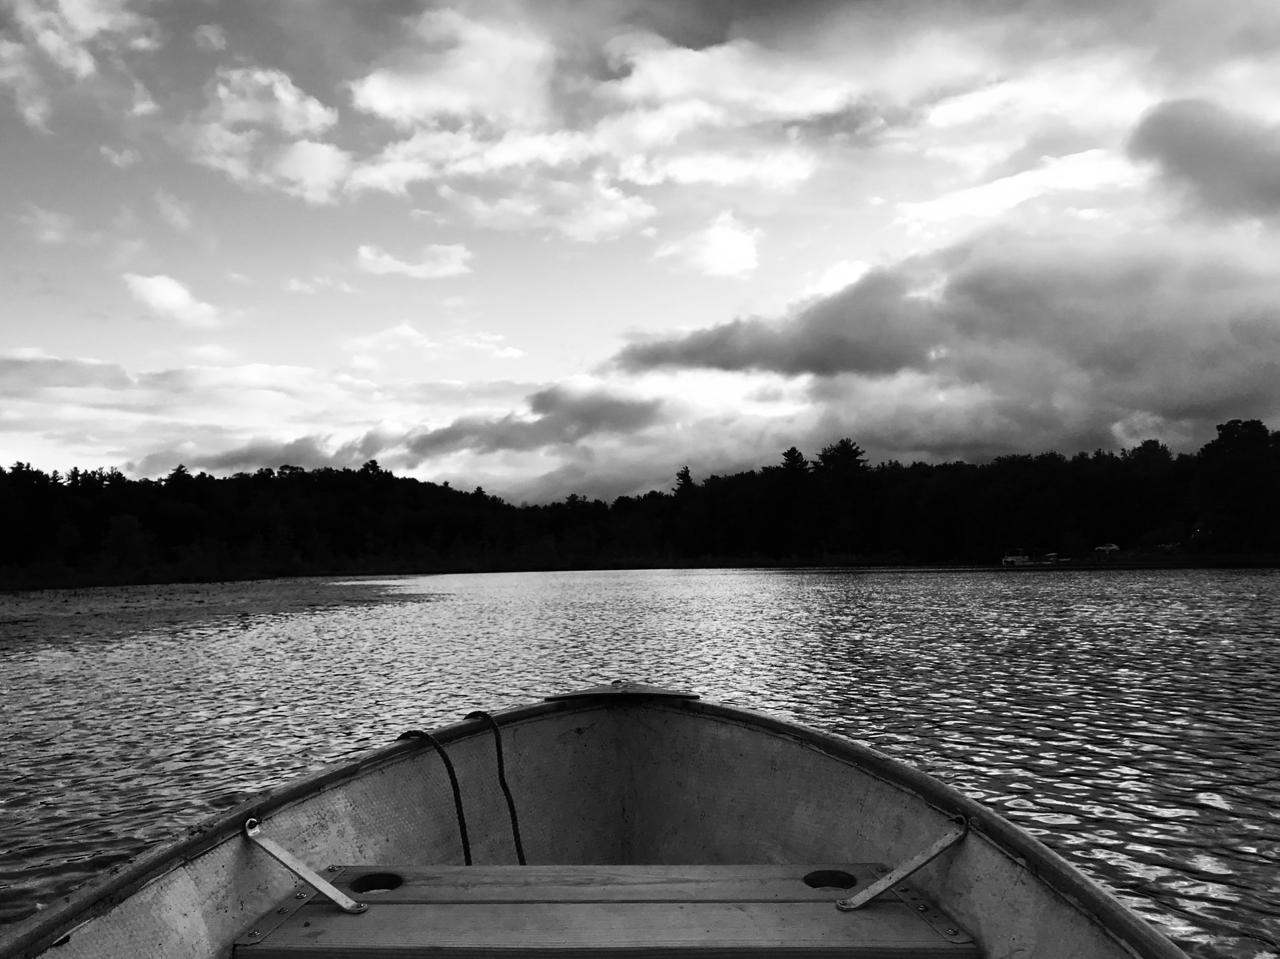 A Canoe Ride